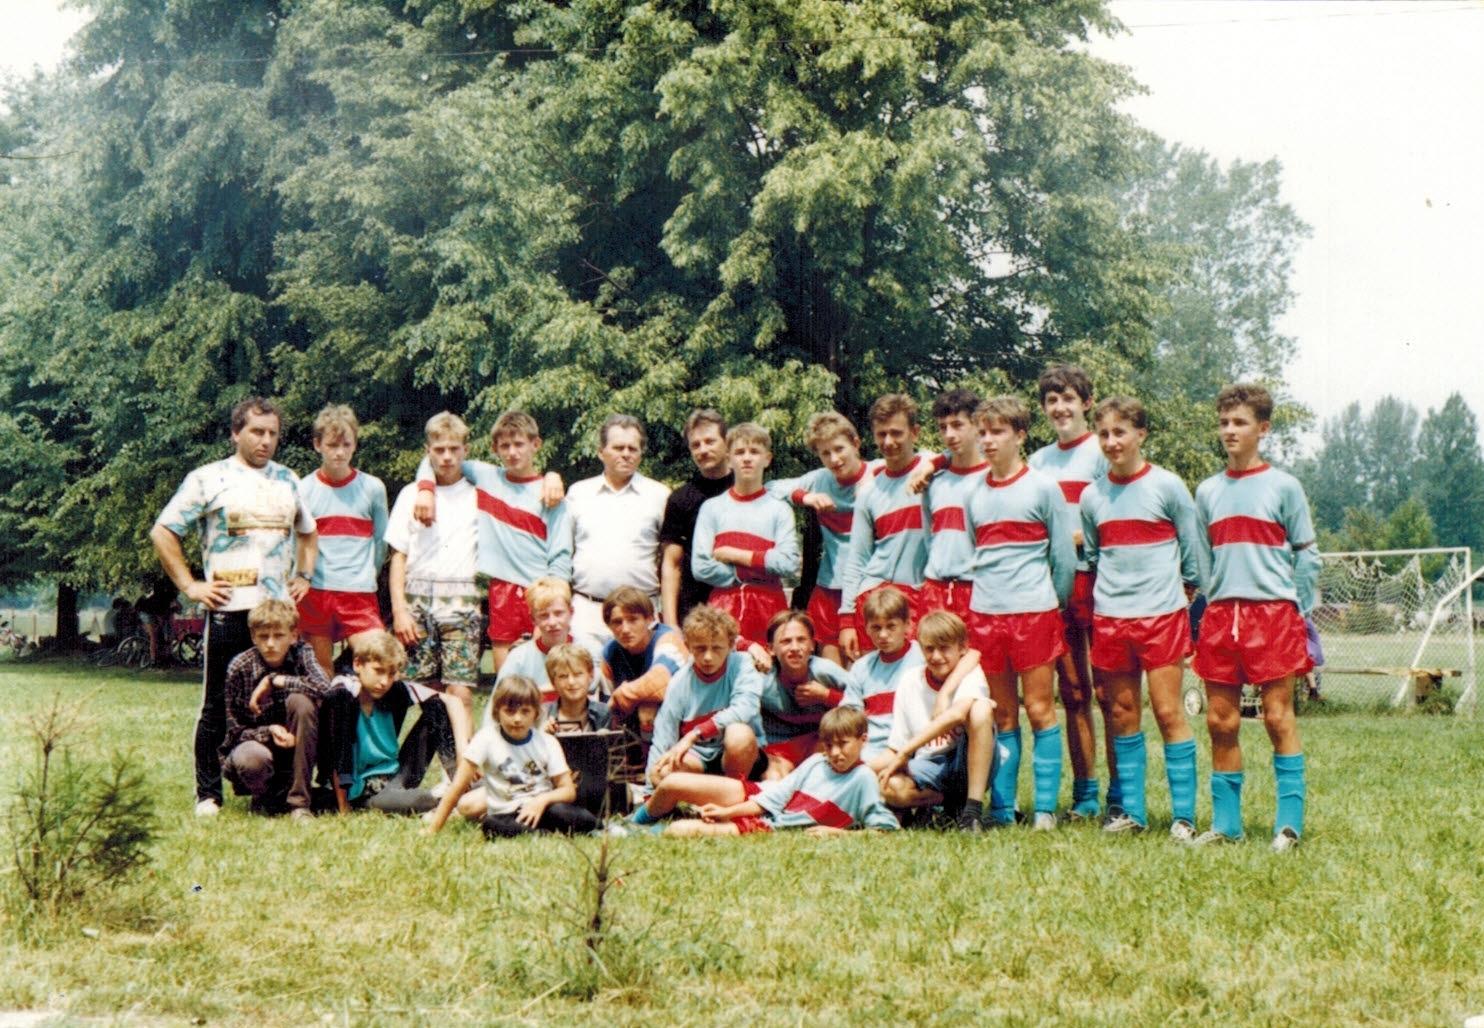 Turniej Piłkarska Kadra Czeka Łańcut, 1993 - makroregion.